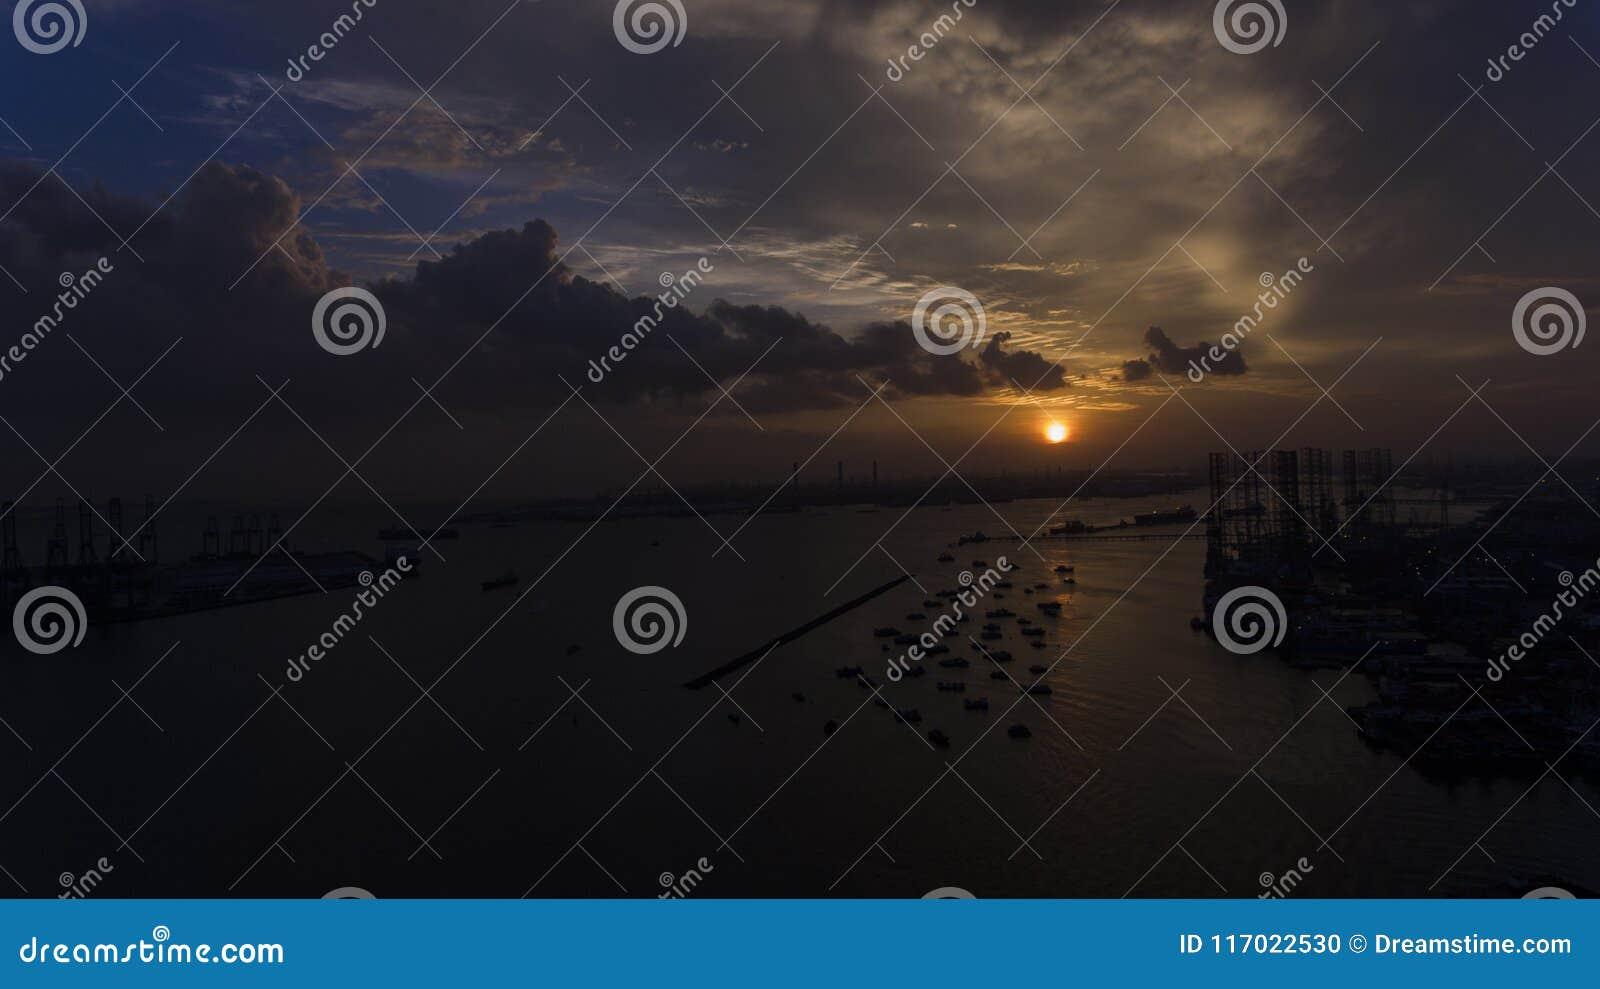 Schöner, erstaunlicher Sonnenuntergang über dem Wasser, über Booten in einem industriellen schauenden Dock oder in einem Hafen